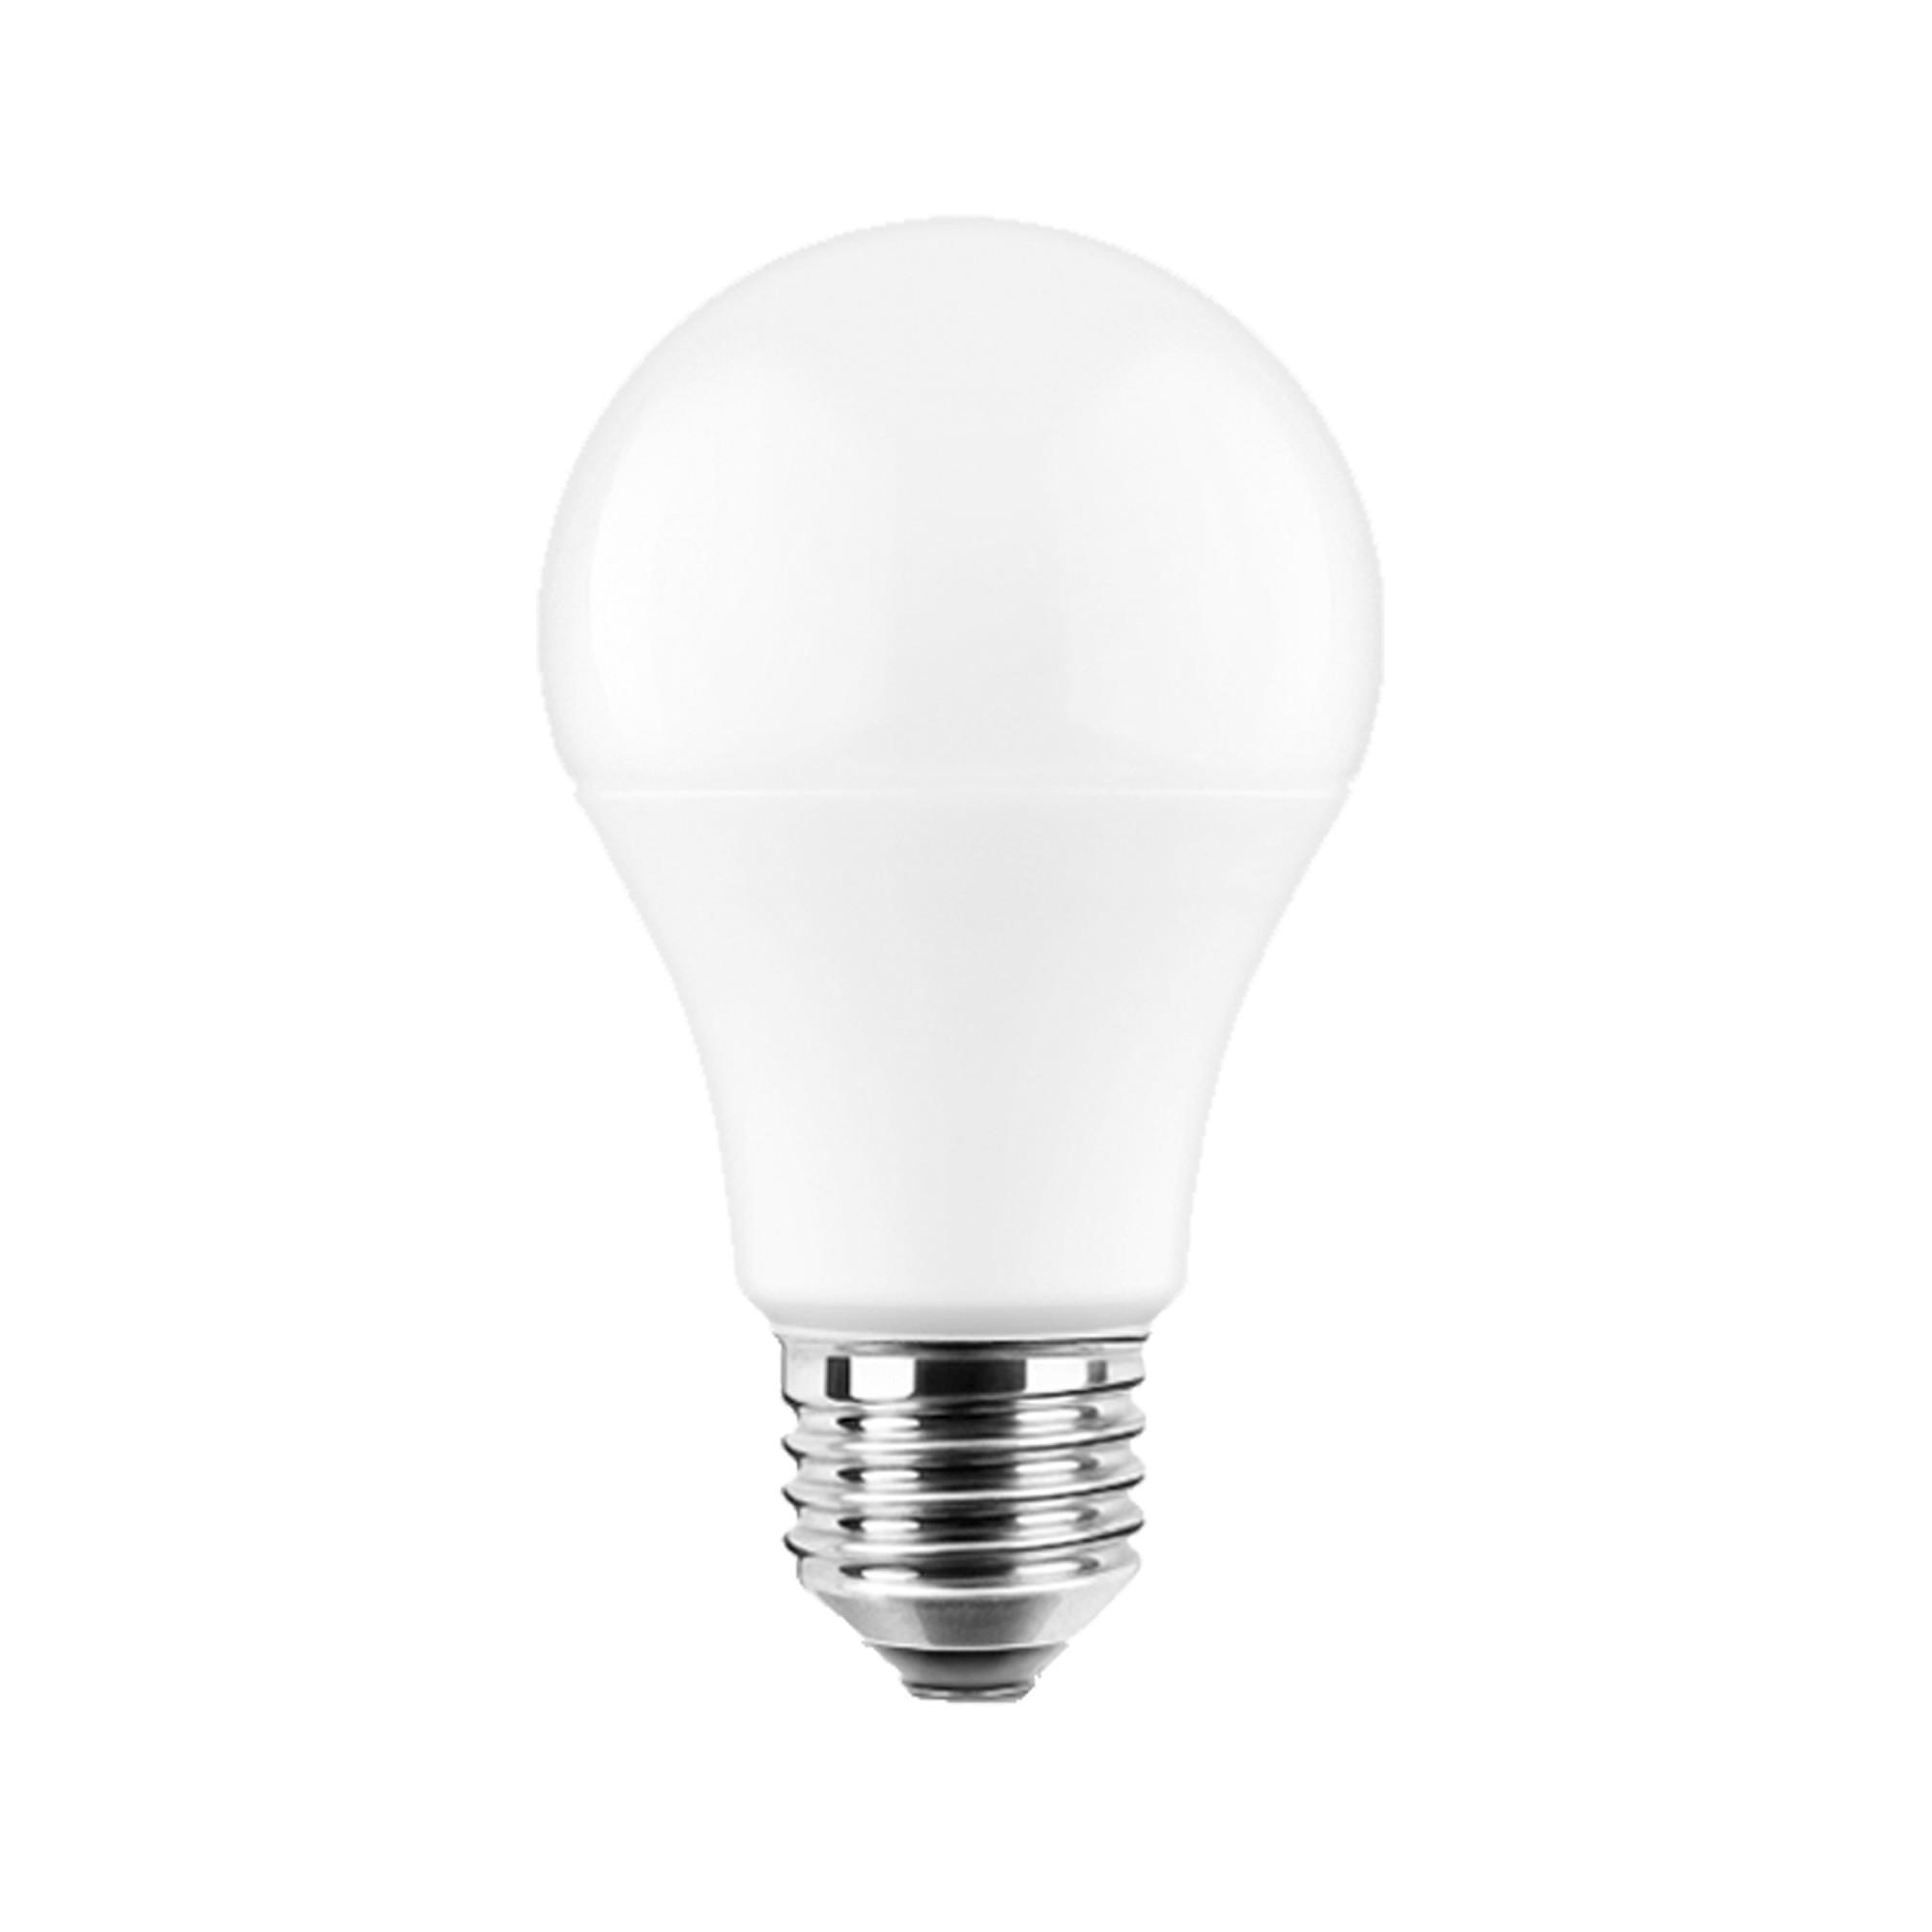 Лампа светодиодная Lexman E27 220 В 12 Вт груша матовая 1521 лм тёплый белый свет